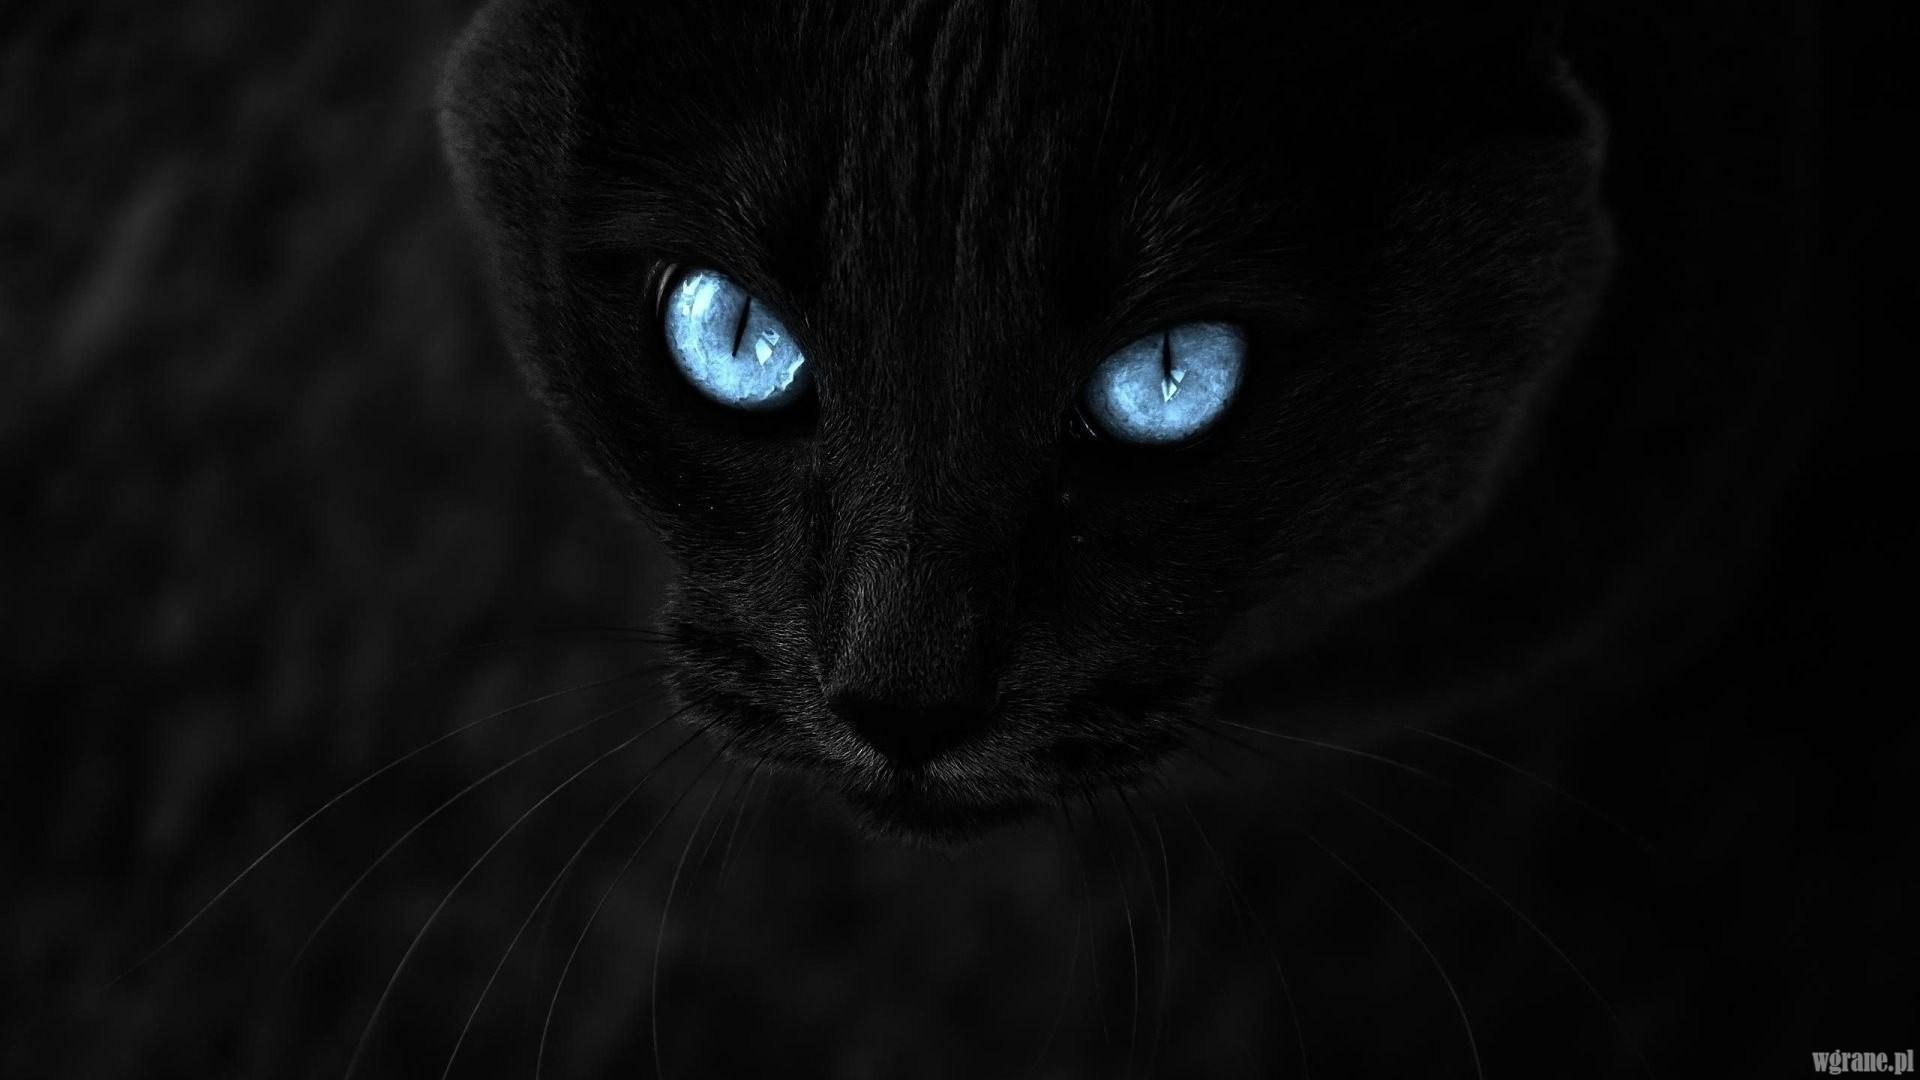 Tapety Na Pulpit Czarny Kot Wgranepl